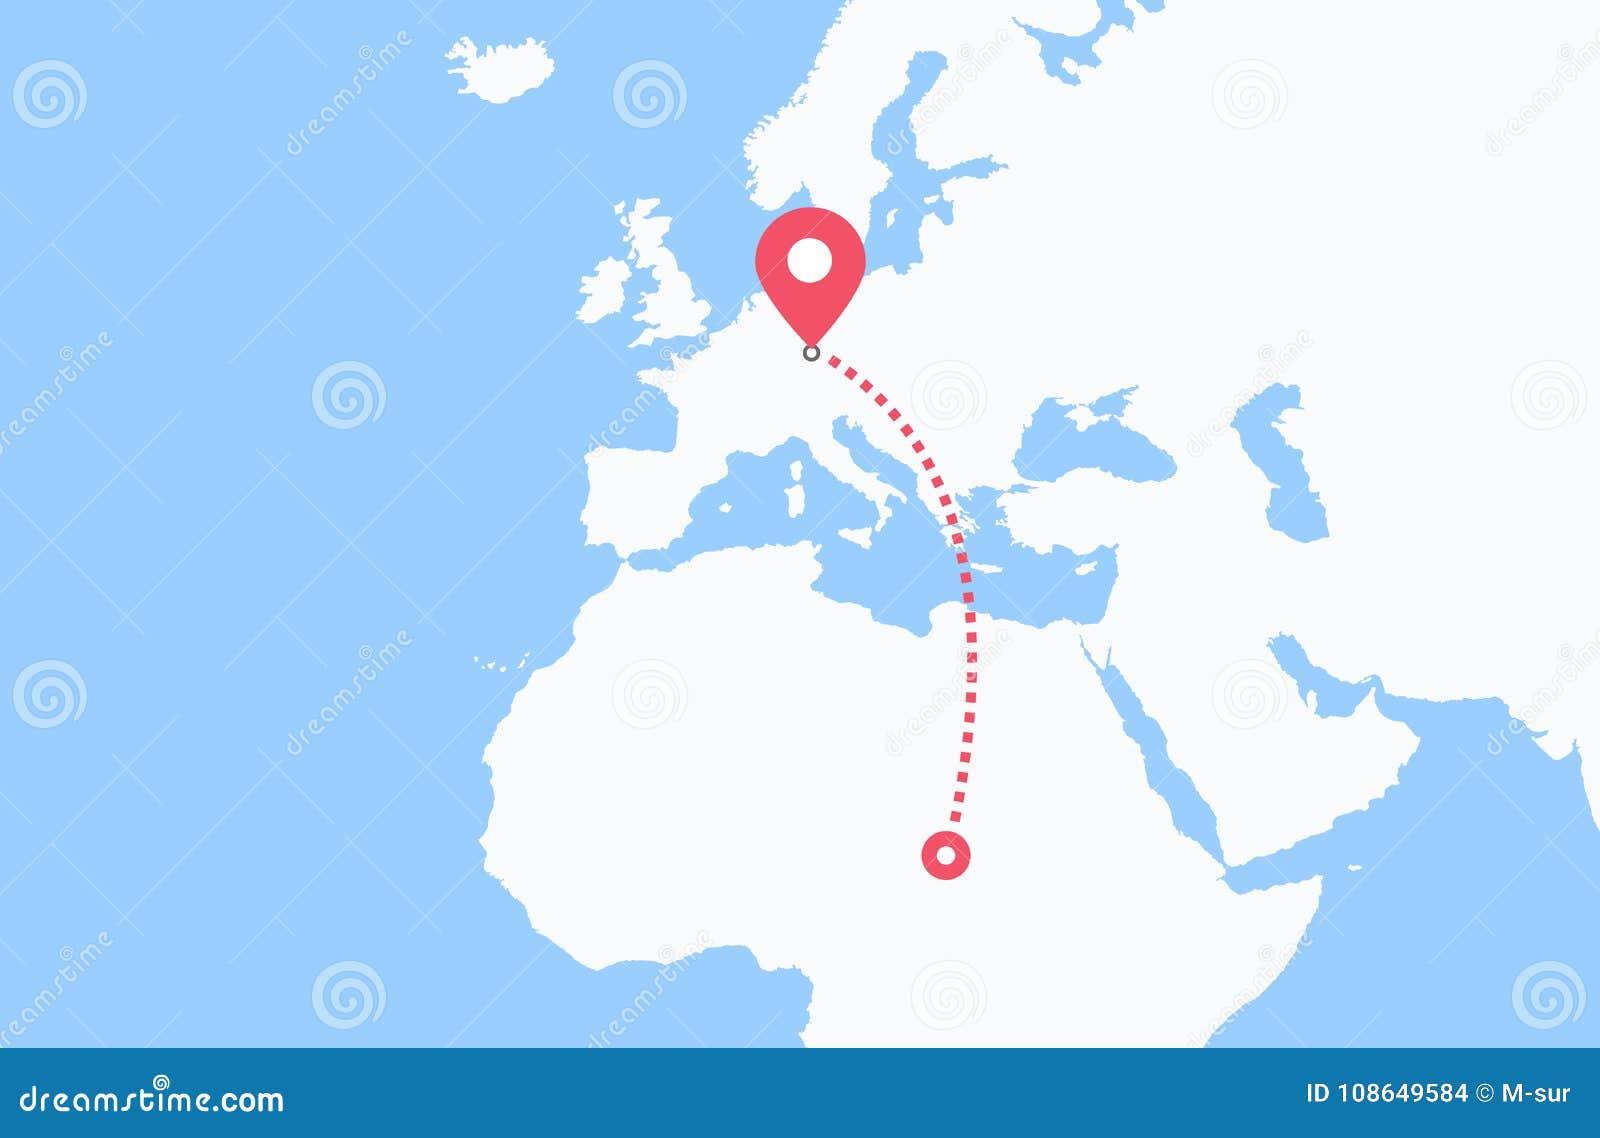 Carte Afrique Europe.Voyage D Afrique Vers L Europe Illustration De Vecteur